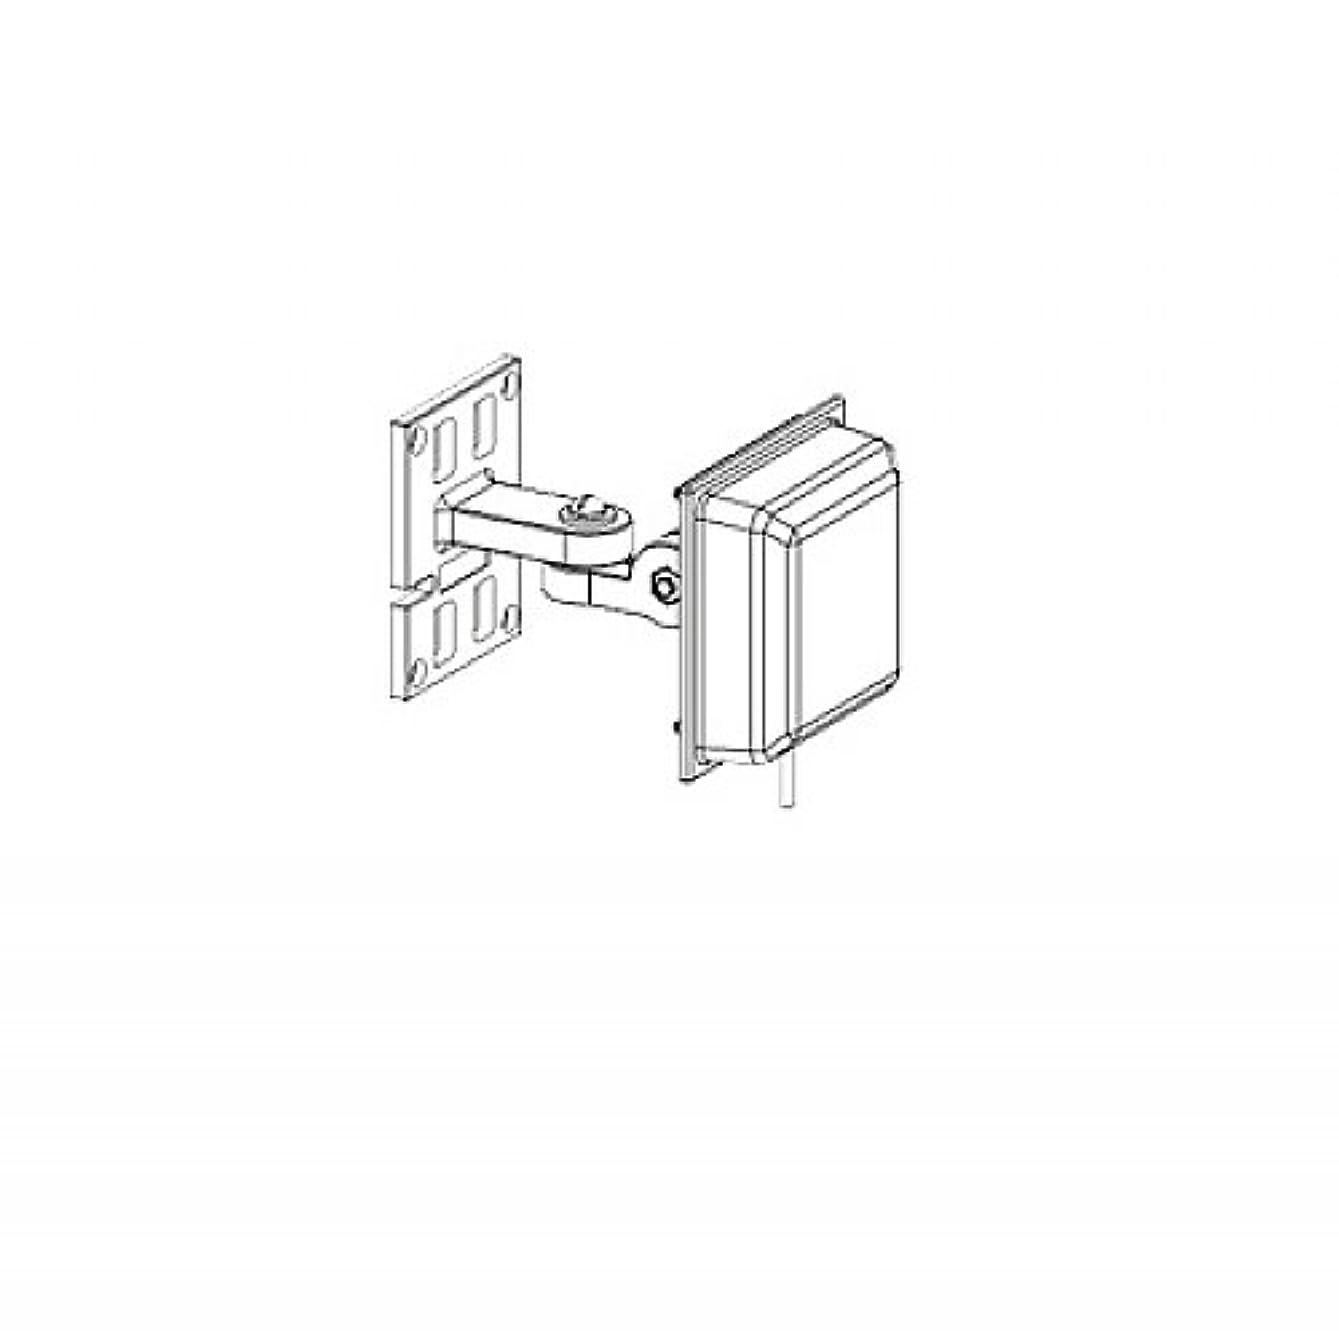 溶けるイタリアのアスリートCISCO 5.5 dBi/2.4Ghz.6.0 dBi/5GHz Dual Band Wall Mount アンテナ AIR-ANTM5560P-R=